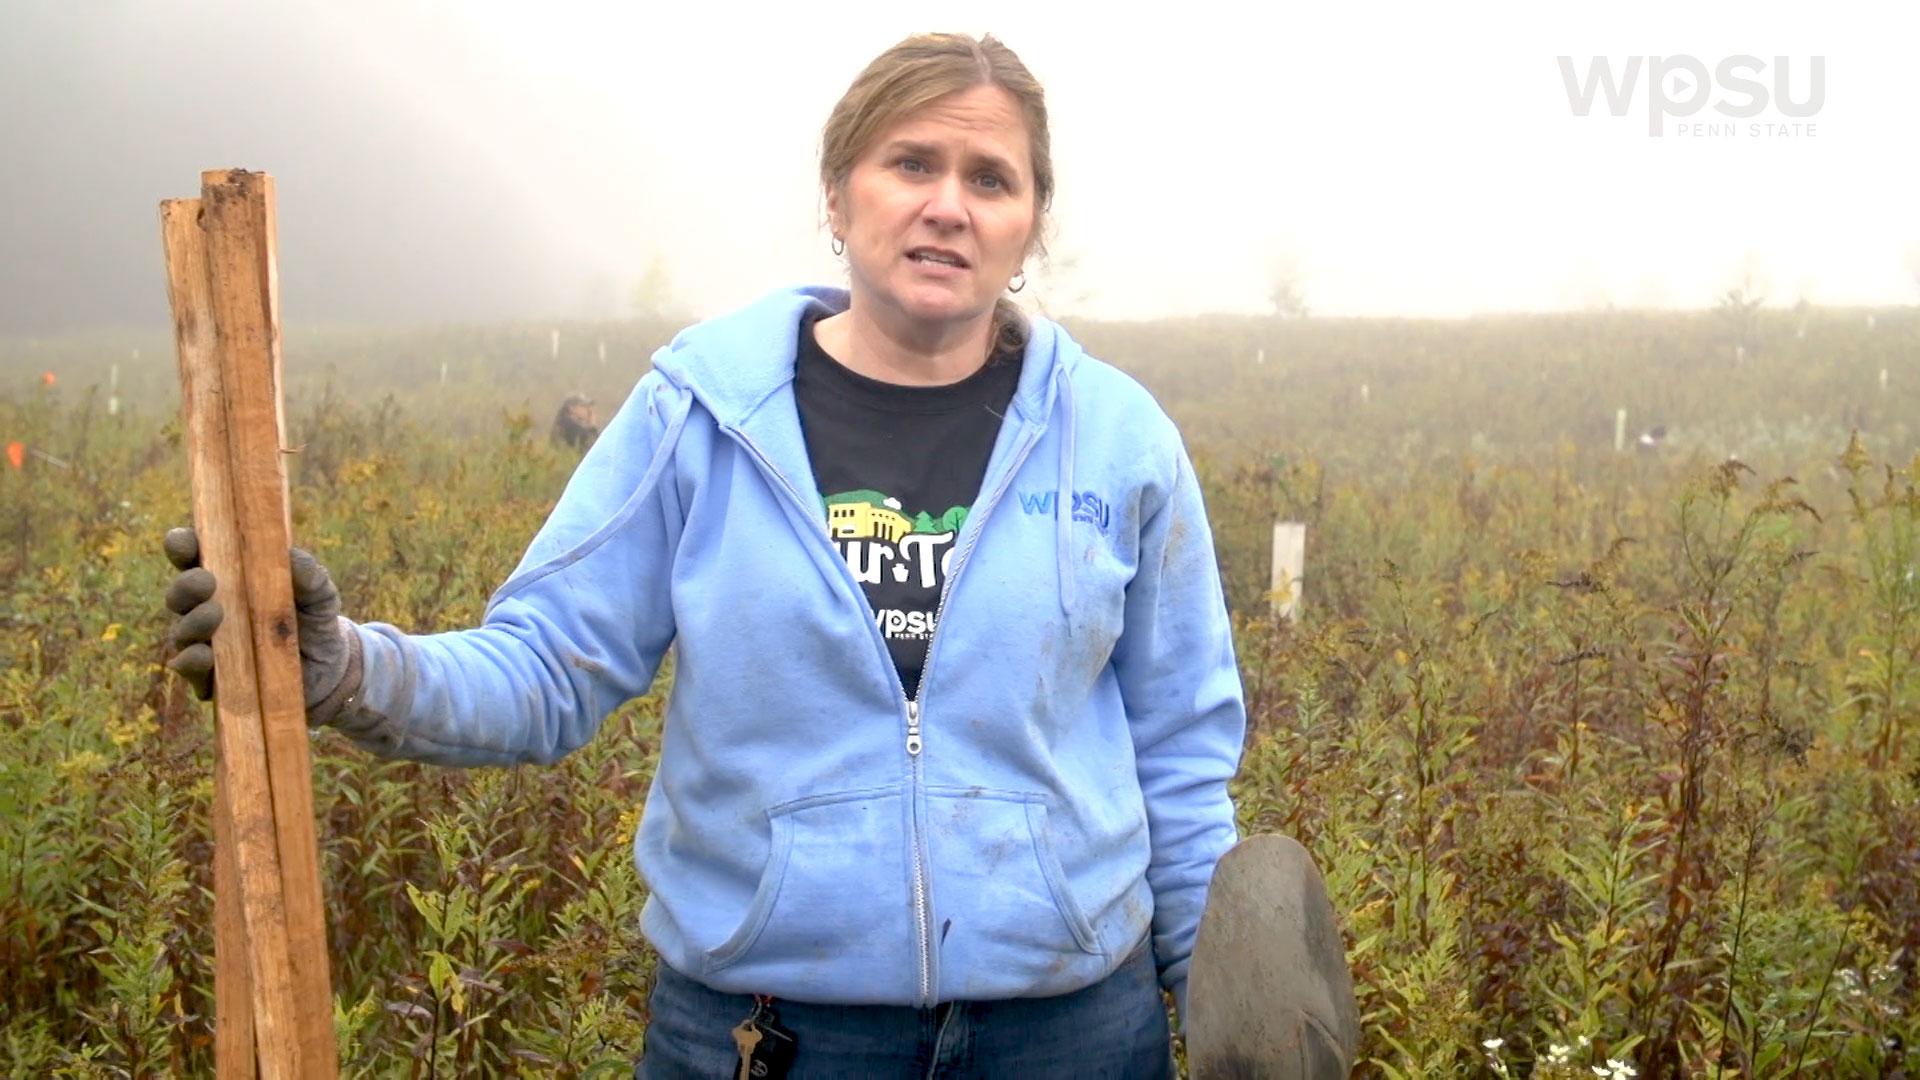 WPSU's Isabel Reinert